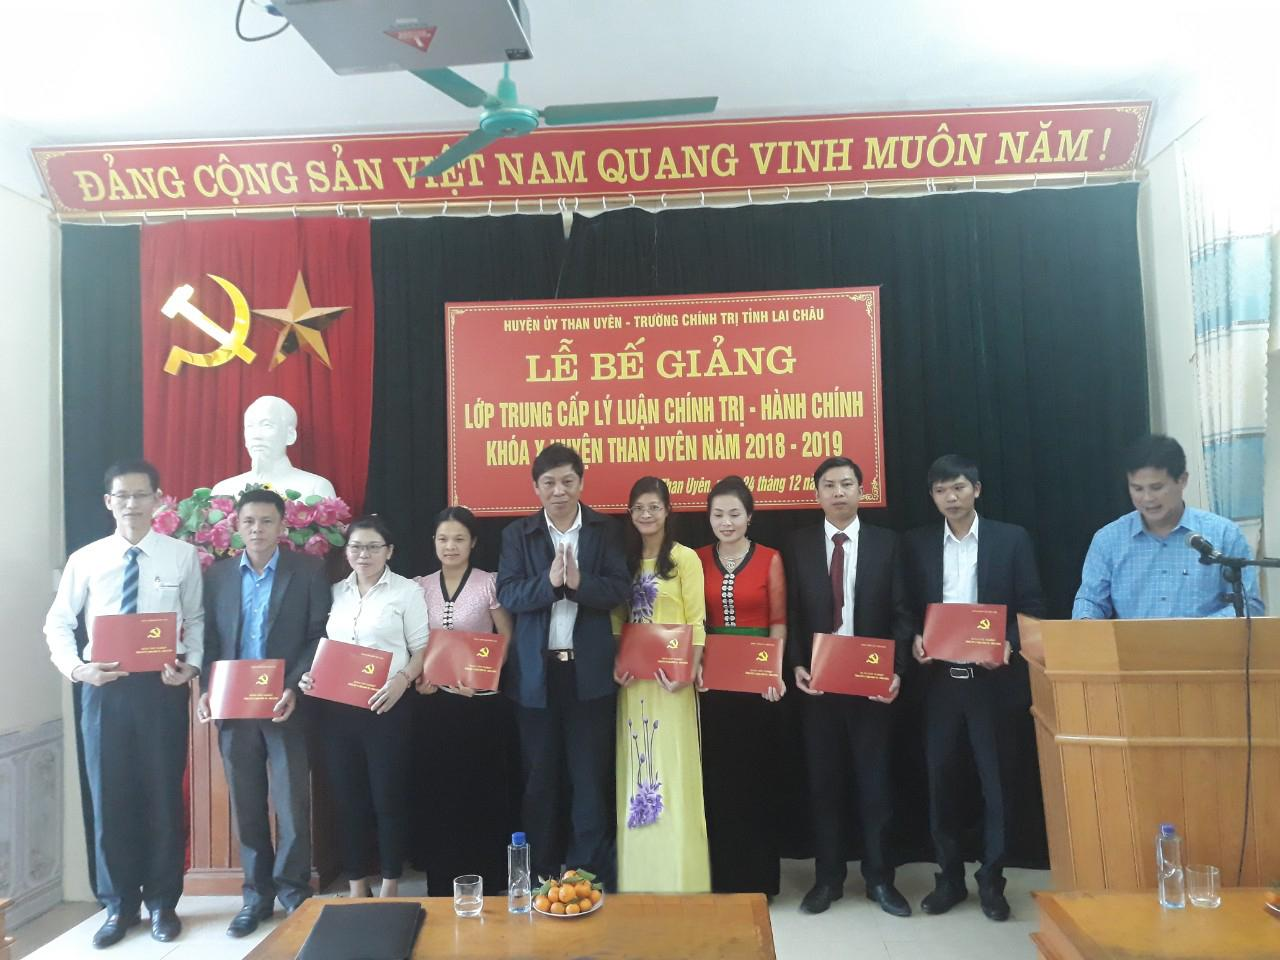 Đồng chí Hoàng Hữu An   Bí thư Huyện ủy trao bằng tốt nghiệp cho học viên